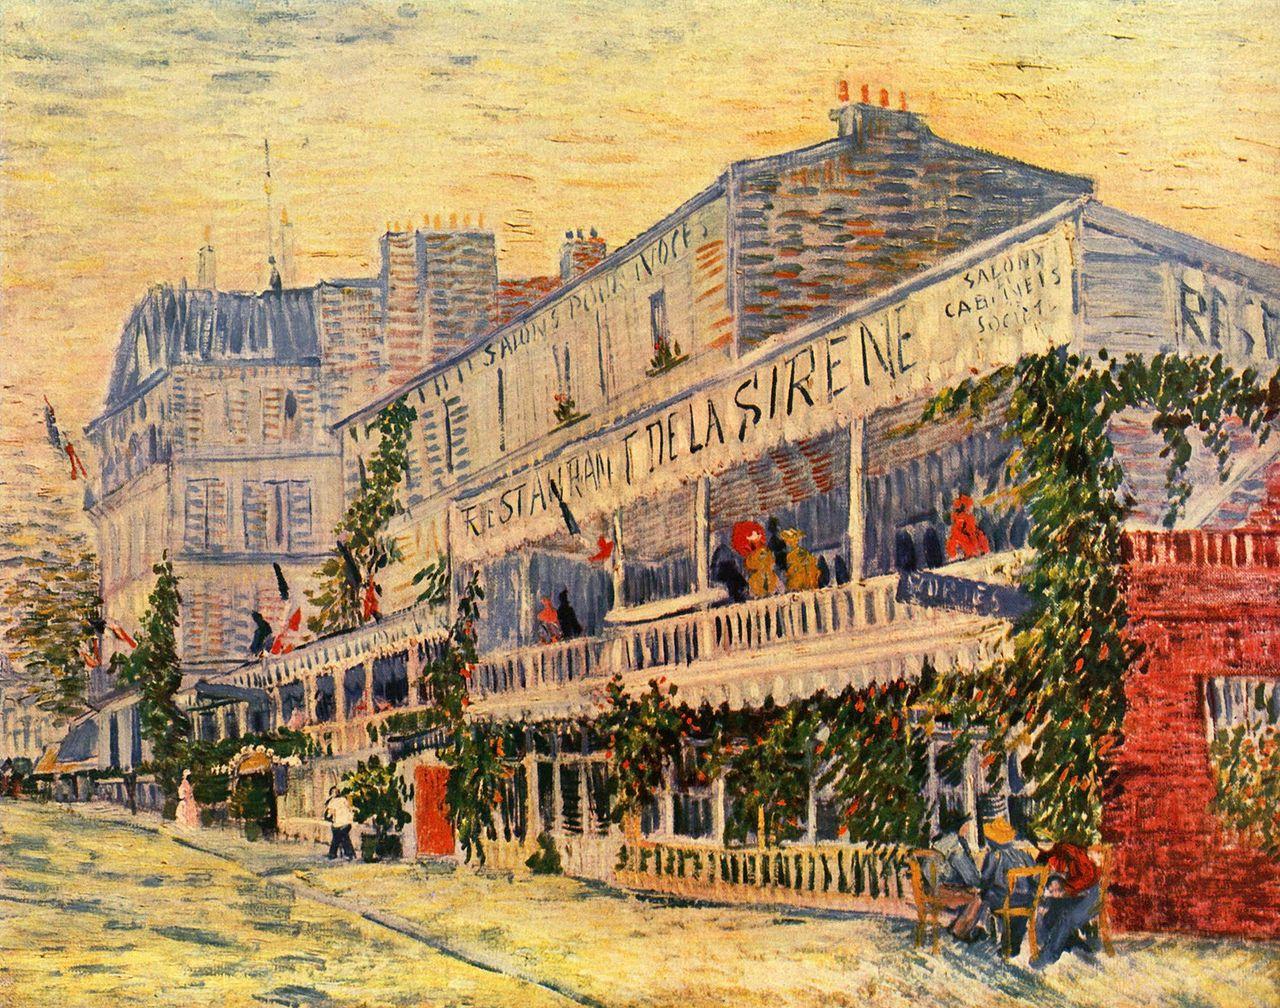 Le Restaurant de la Sirène